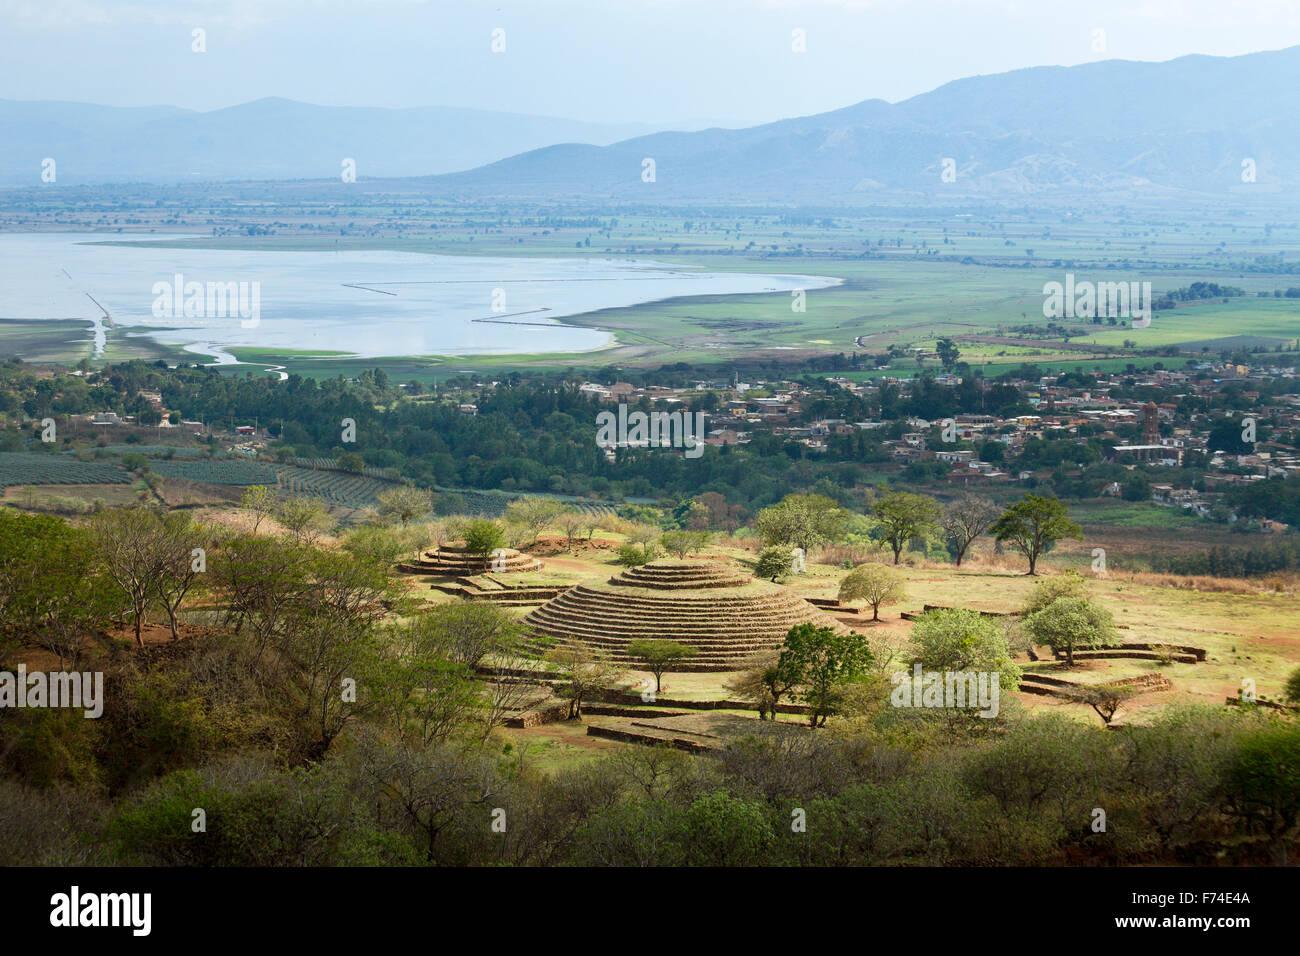 Le site précolombien guachimontones avec sa pyramide circulaire unique près de la ville de teuchitlan, Photo Stock